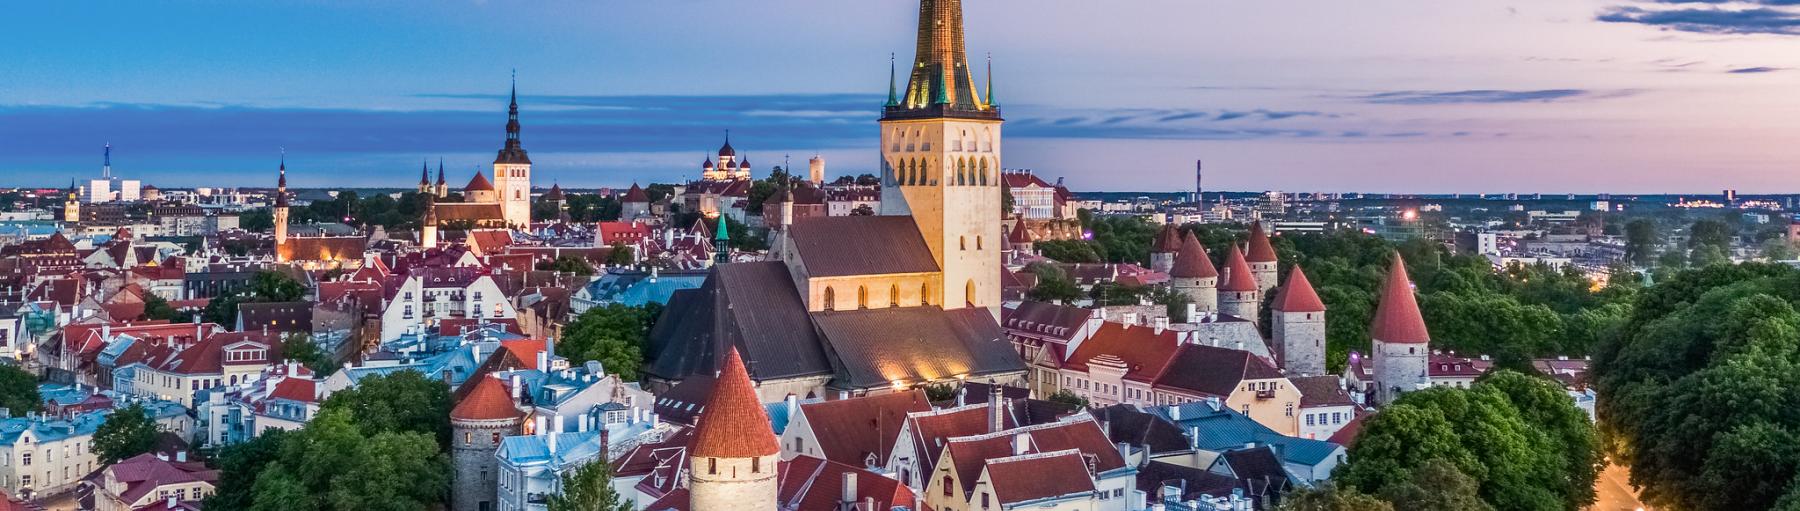 Vliegreis Tallinn